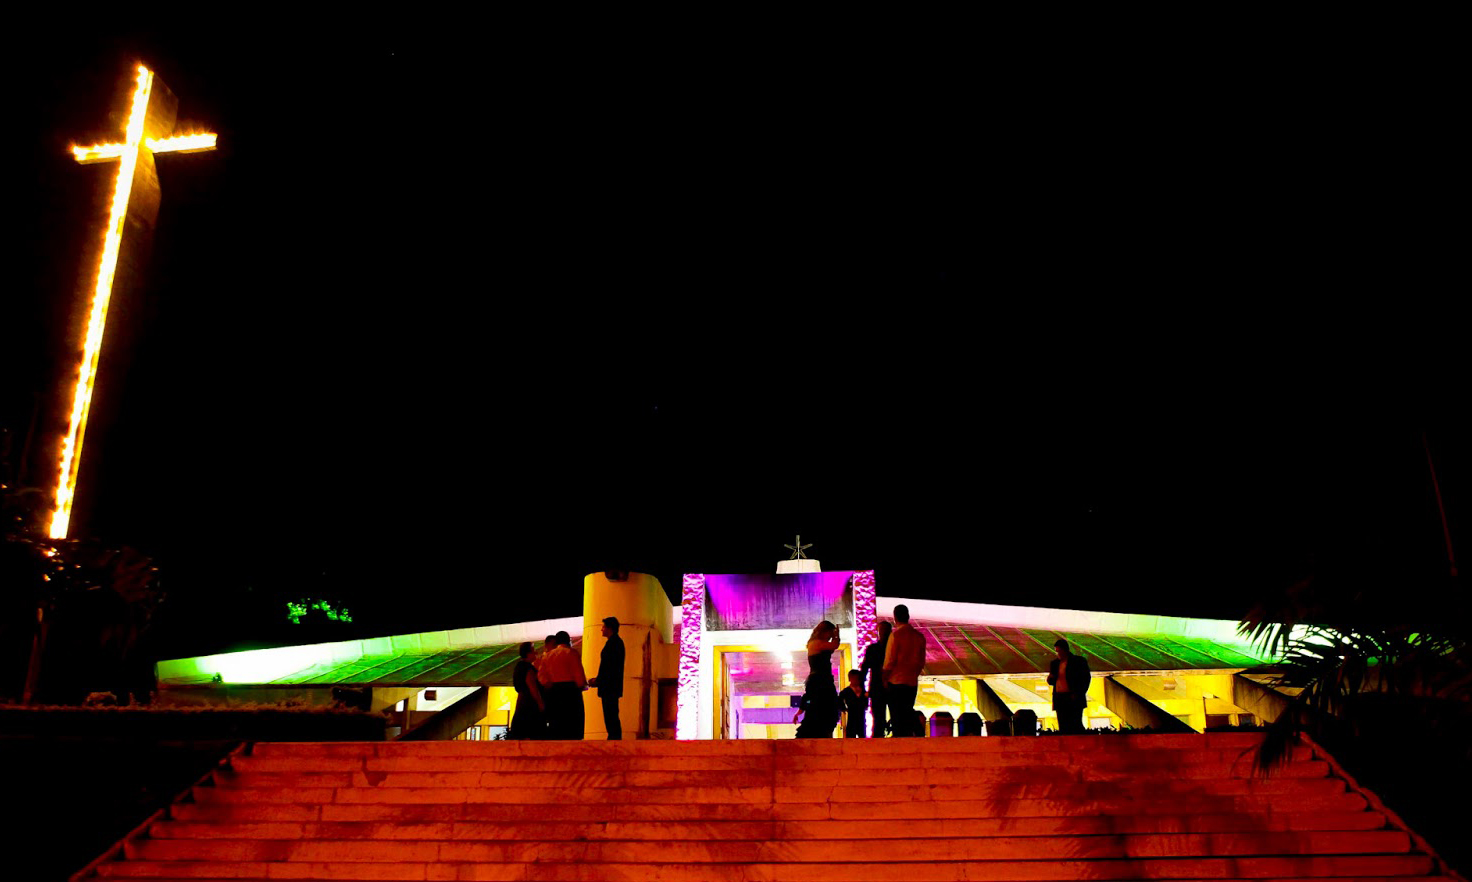 curiozzzo-igrejas-mais-bonitas-natal-a-noite-igreja-do-campus-ufrn-natal-004